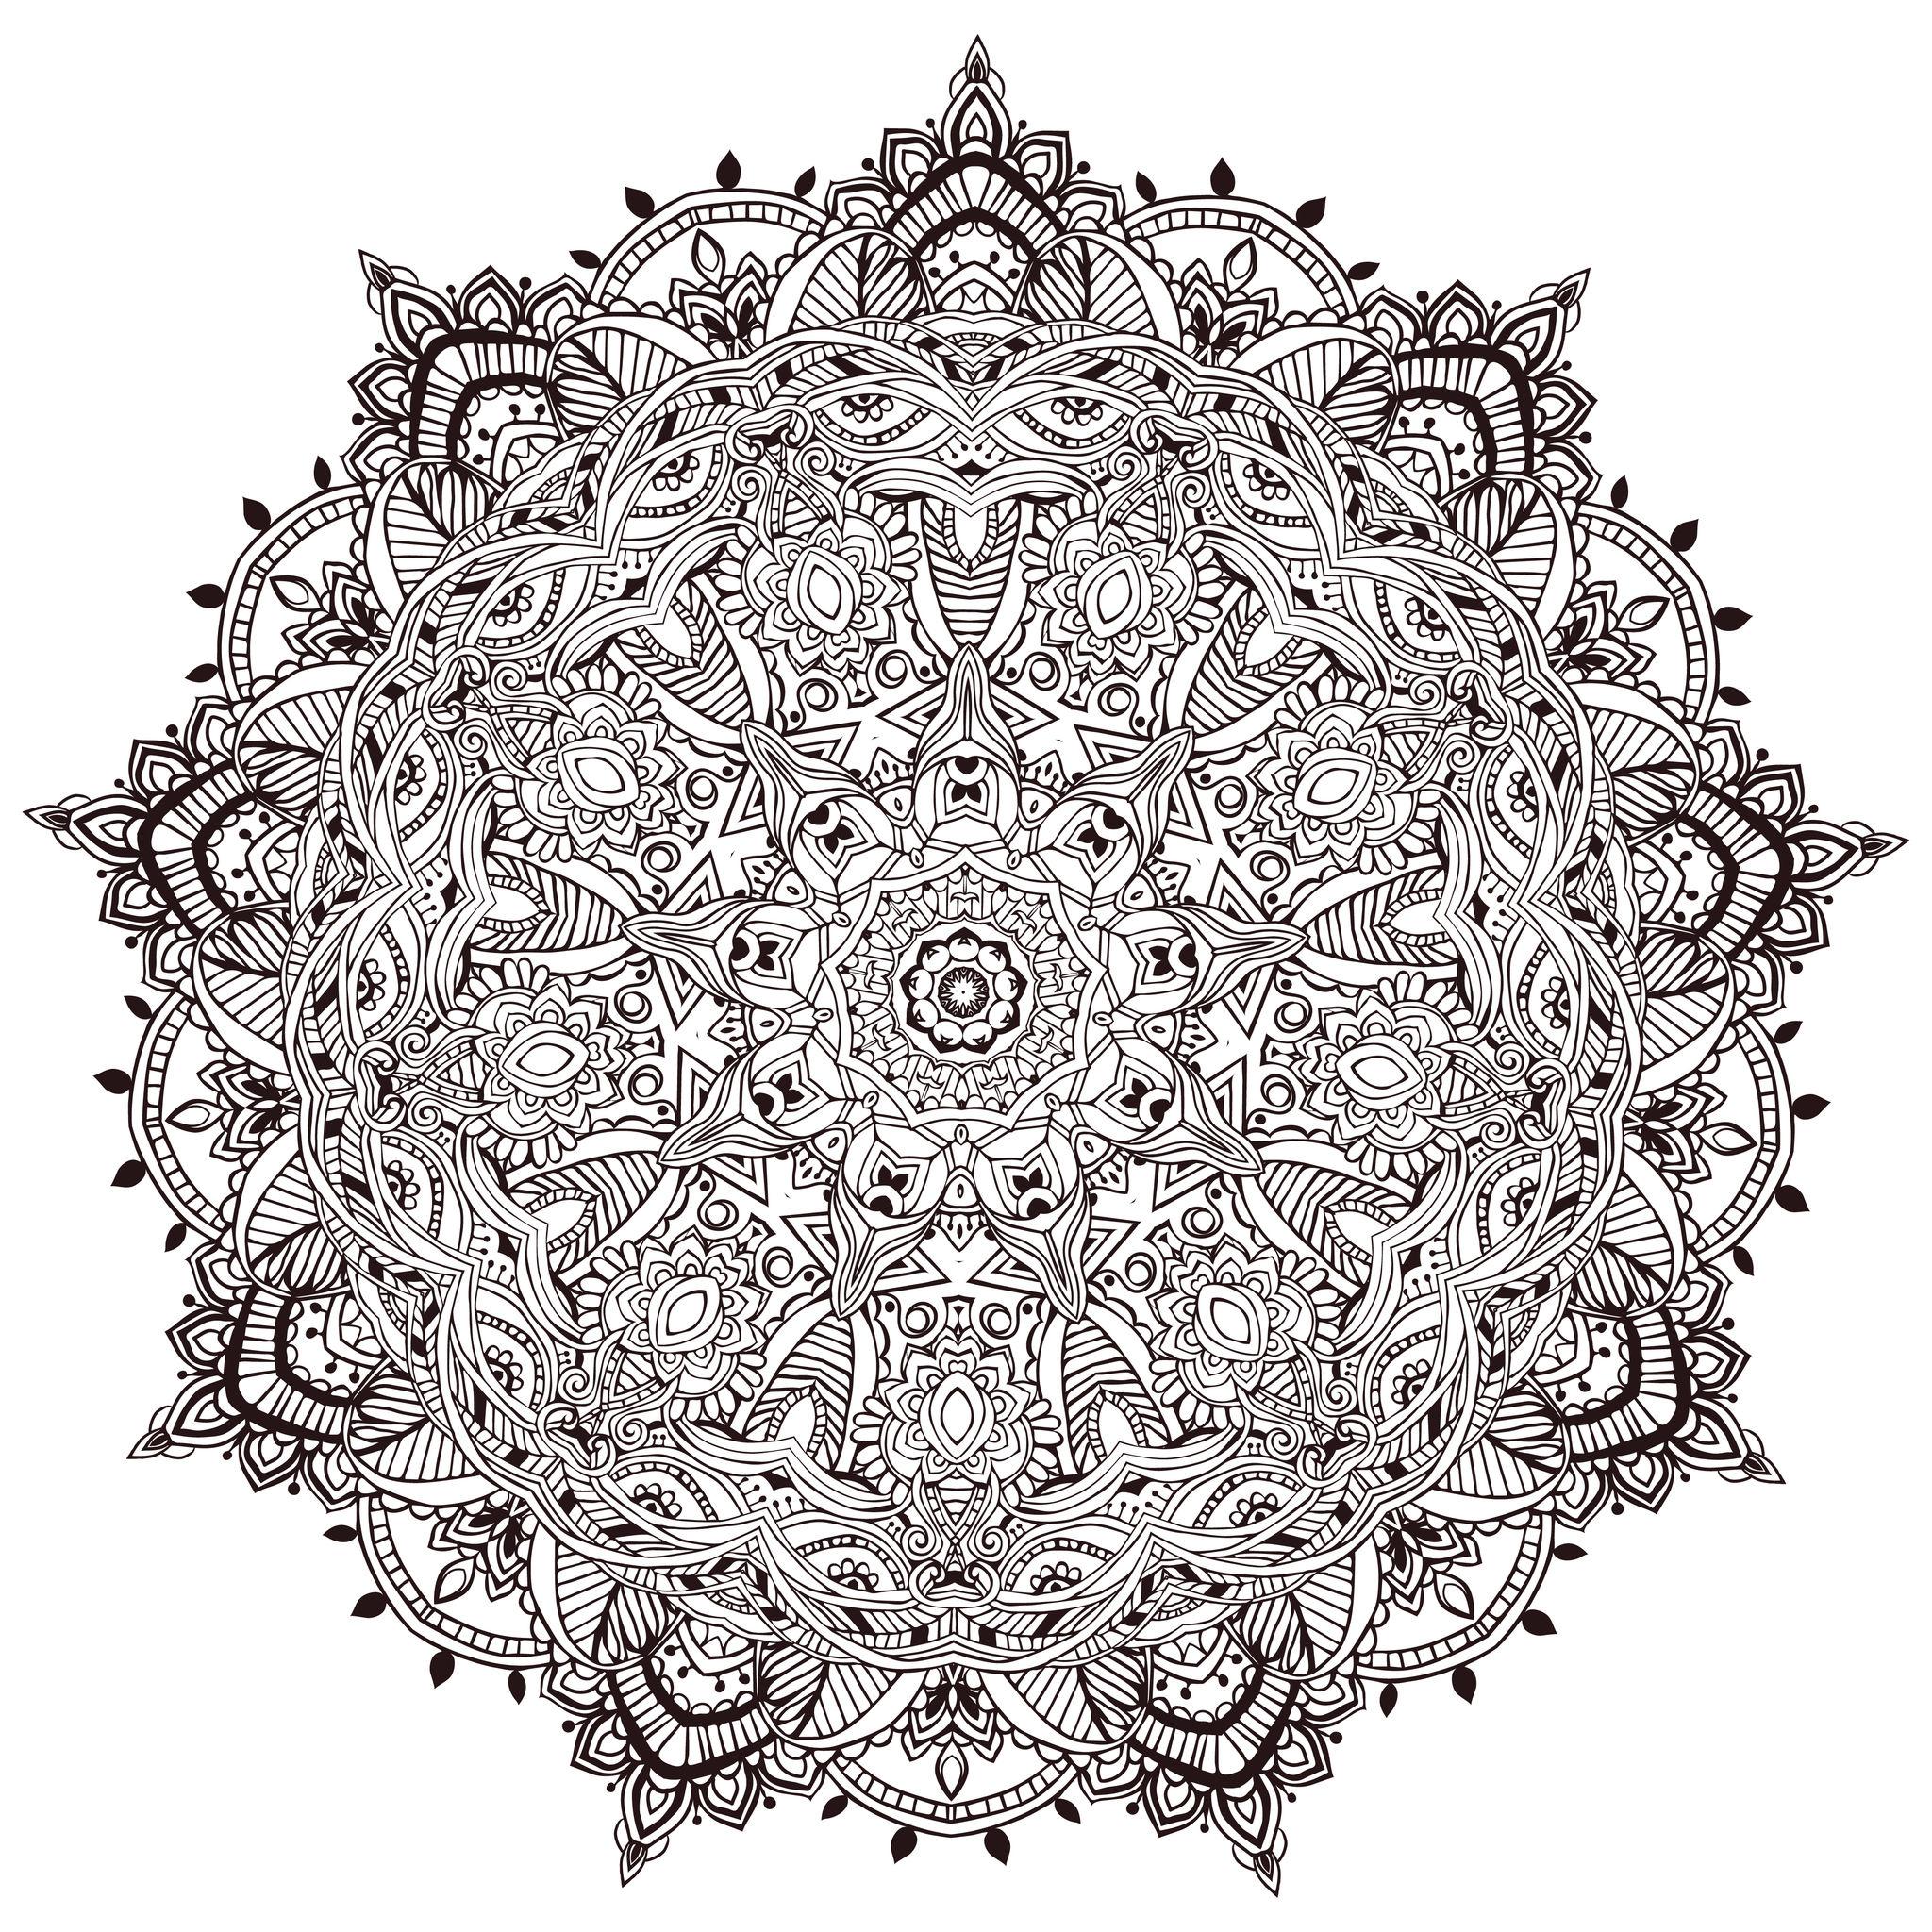 Mandala A Colorier Tres Detaille - Mandalas - Coloriages tout Coloriage De Mandala Difficile A Imprimer